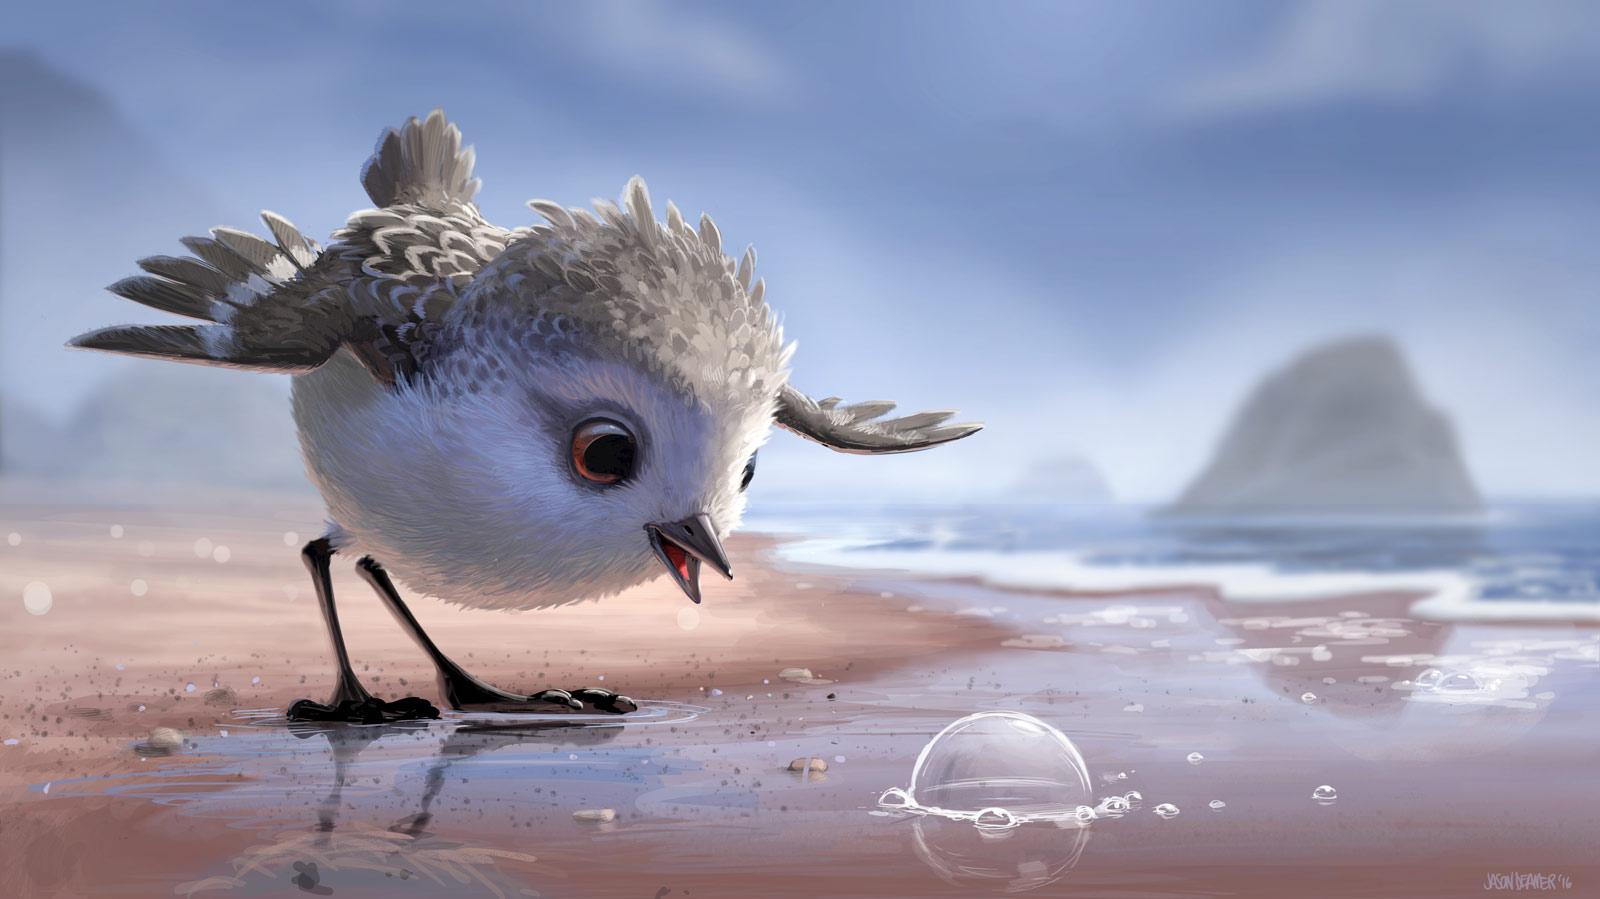 Piper-Short-Film-Pixar-Review